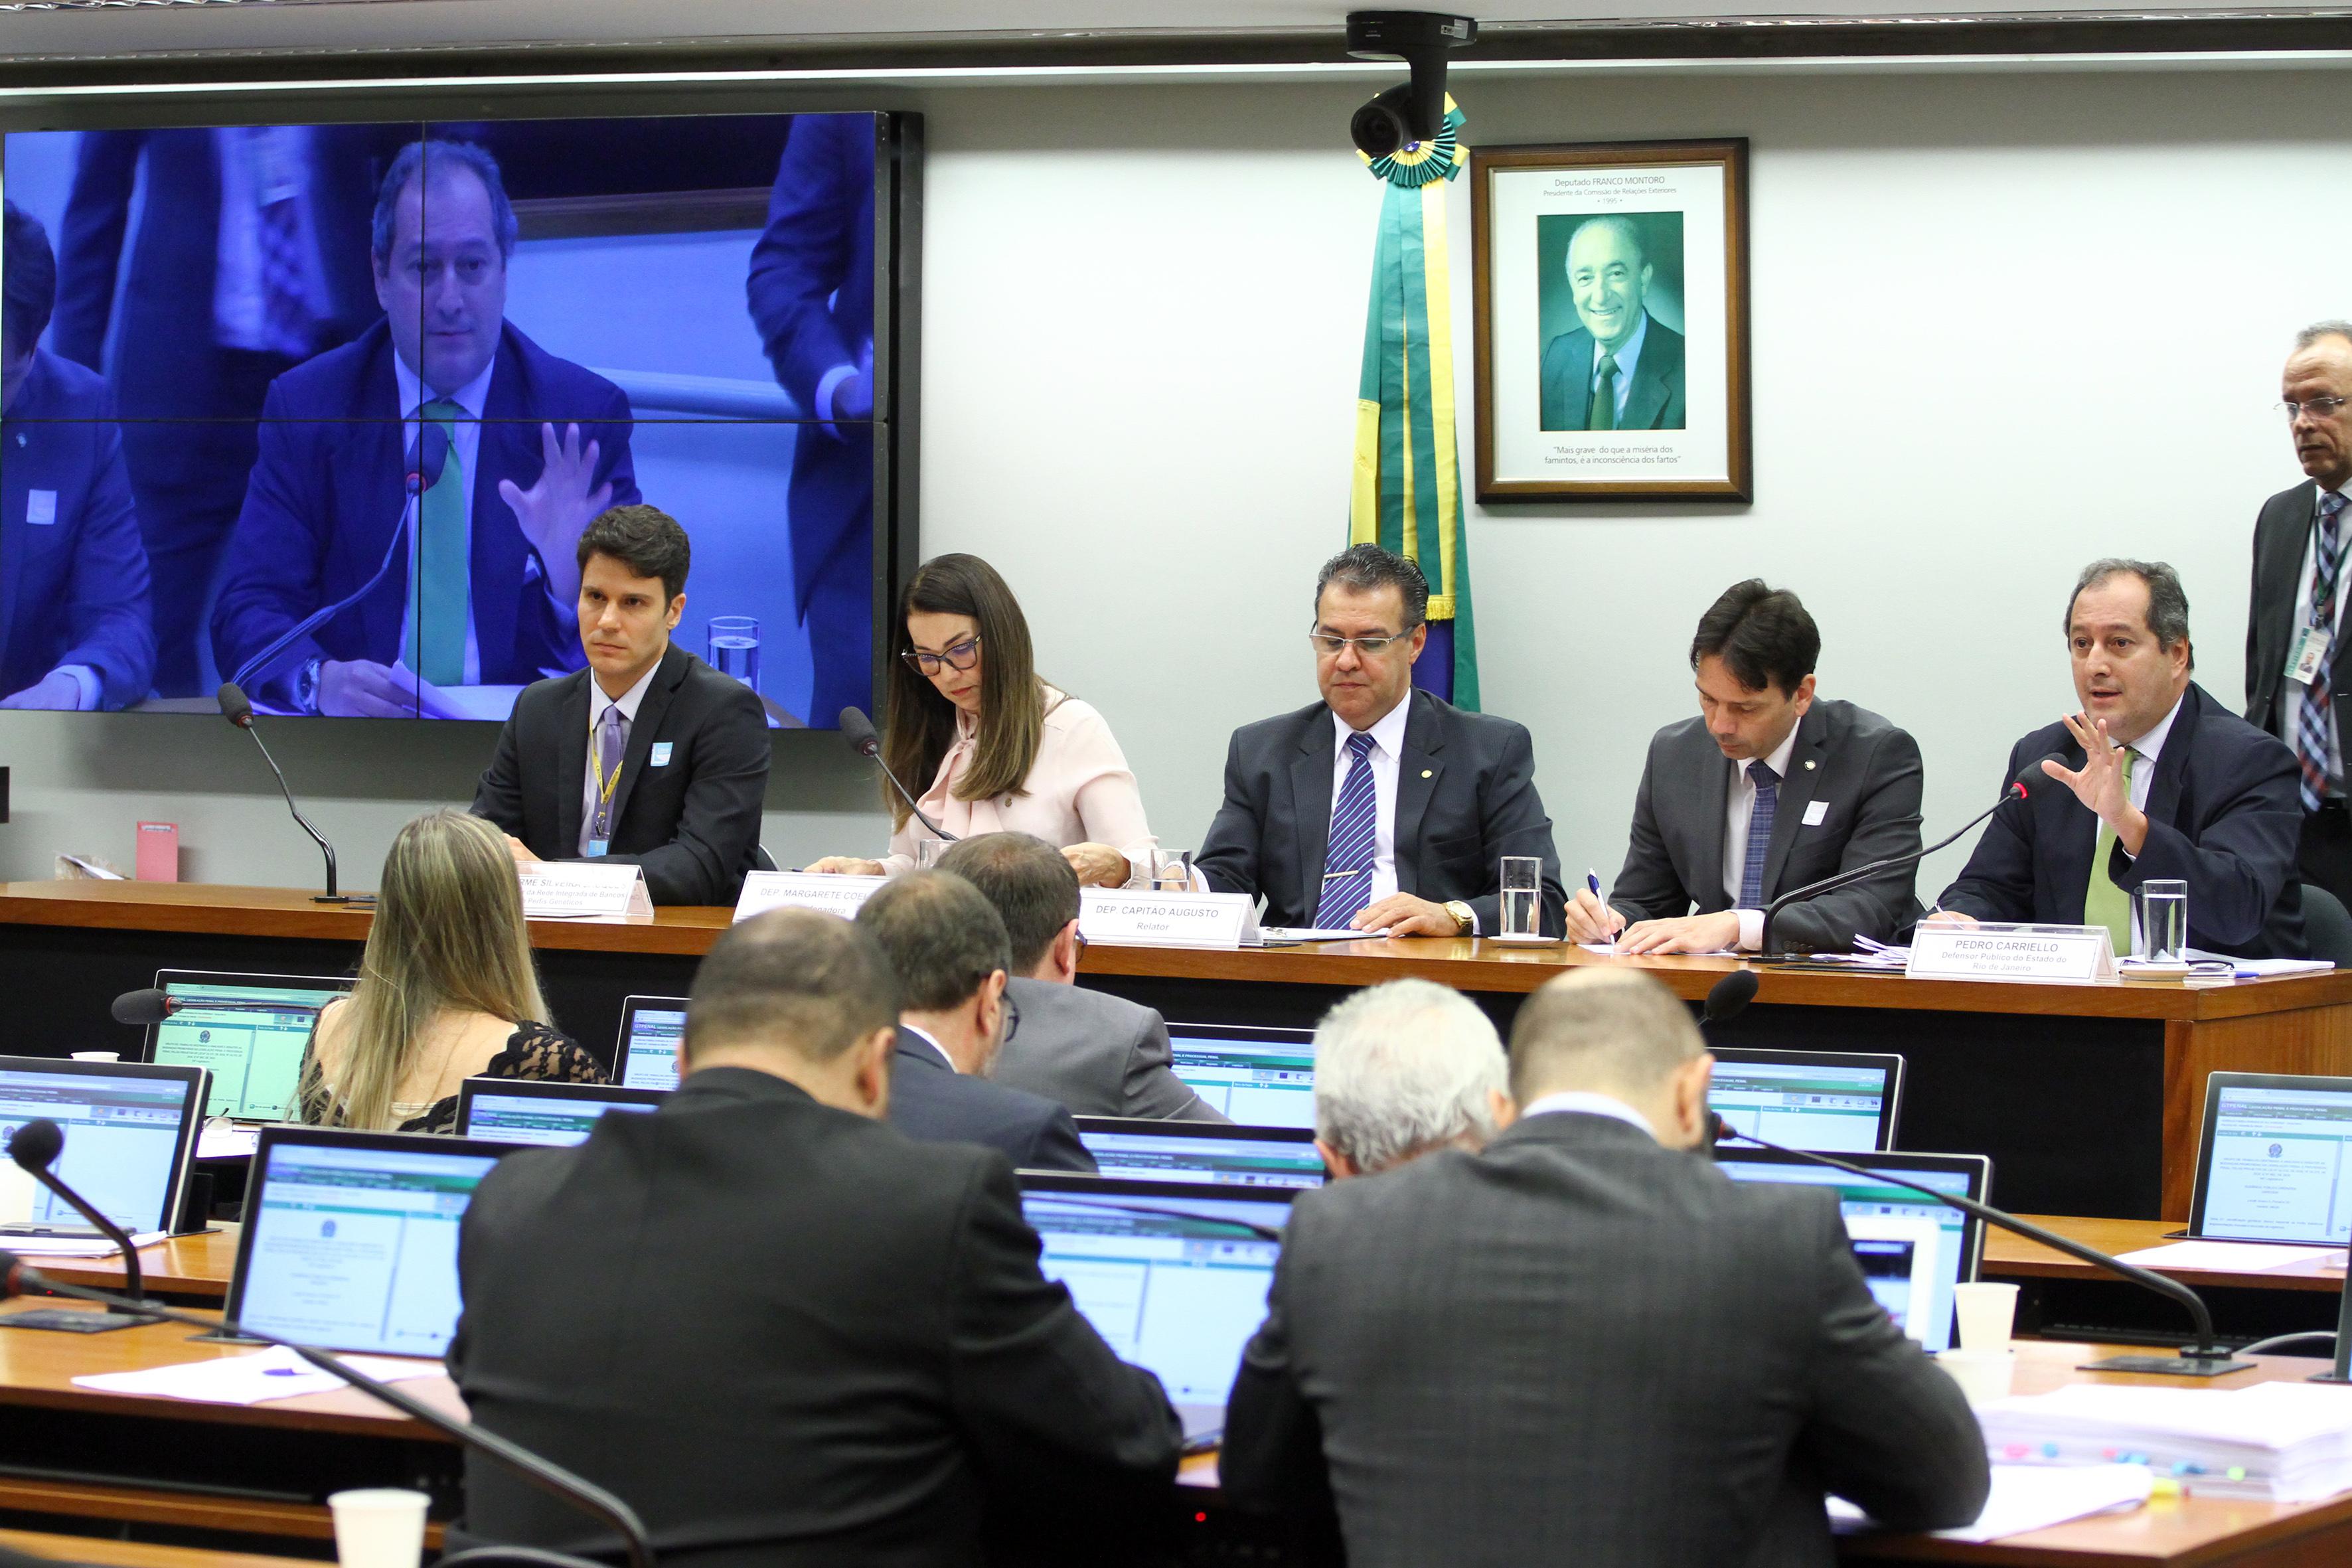 Audiência pública sobre as mudanças na legislação penal e processual penal